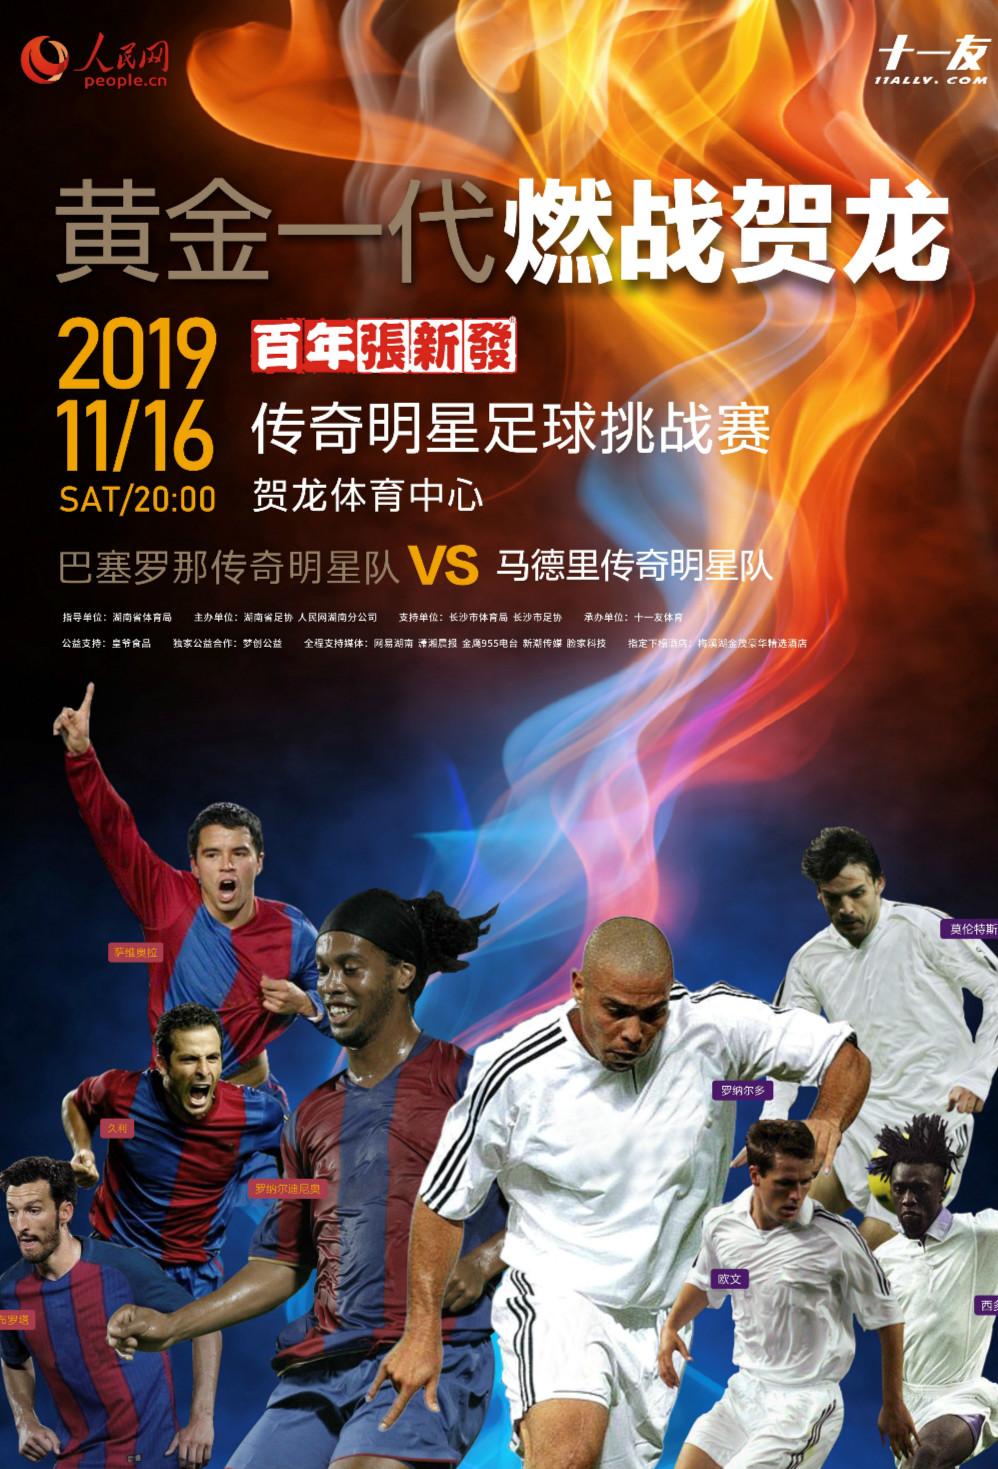 2019传奇明星足球挑战赛-长沙站